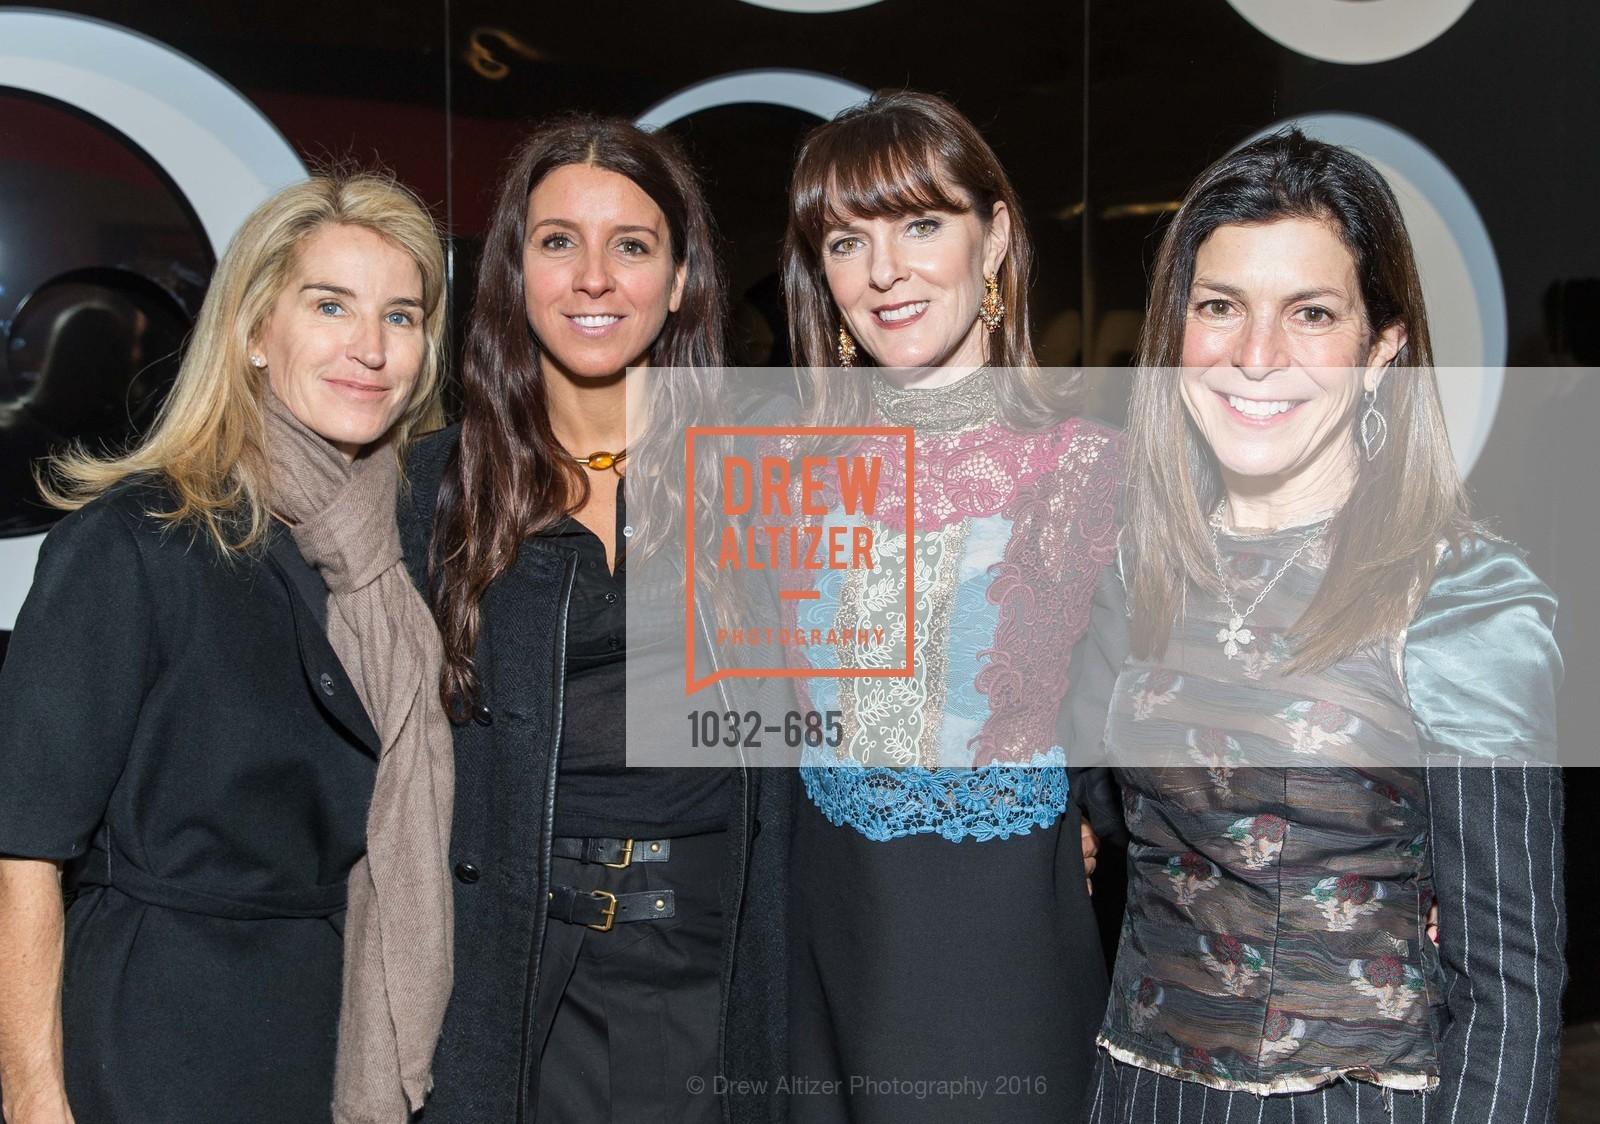 Summer Tompkins Walker, Maca Huneeus, Allison Speer, Susan Swig, Photo #1032-685